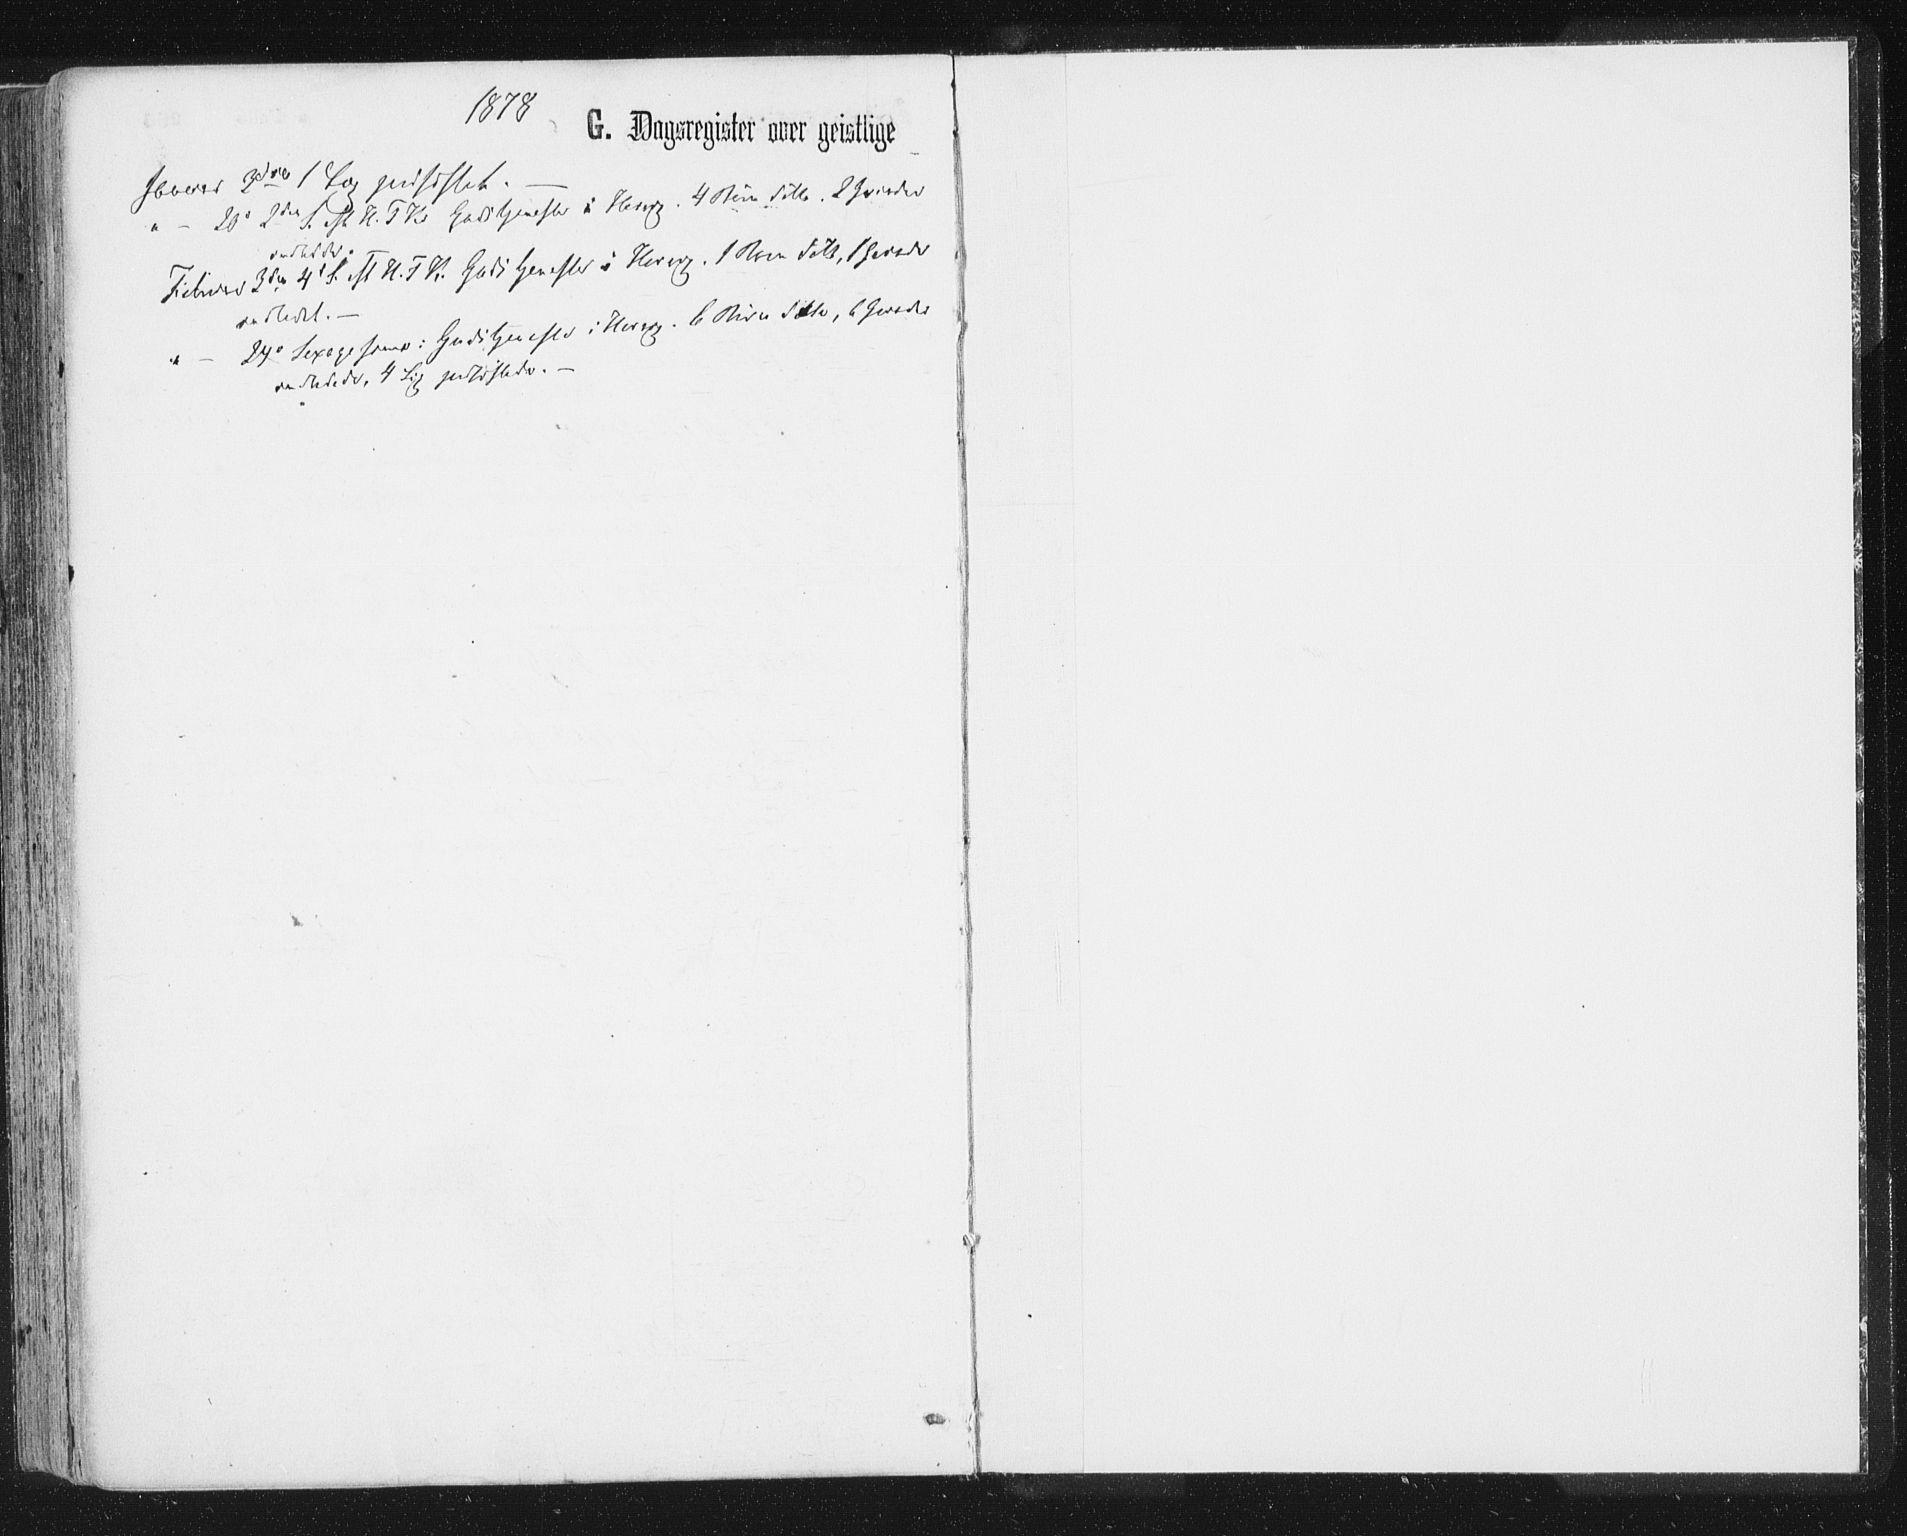 SAT, Ministerialprotokoller, klokkerbøker og fødselsregistre - Sør-Trøndelag, 692/L1104: Ministerialbok nr. 692A04, 1862-1878, s. 286